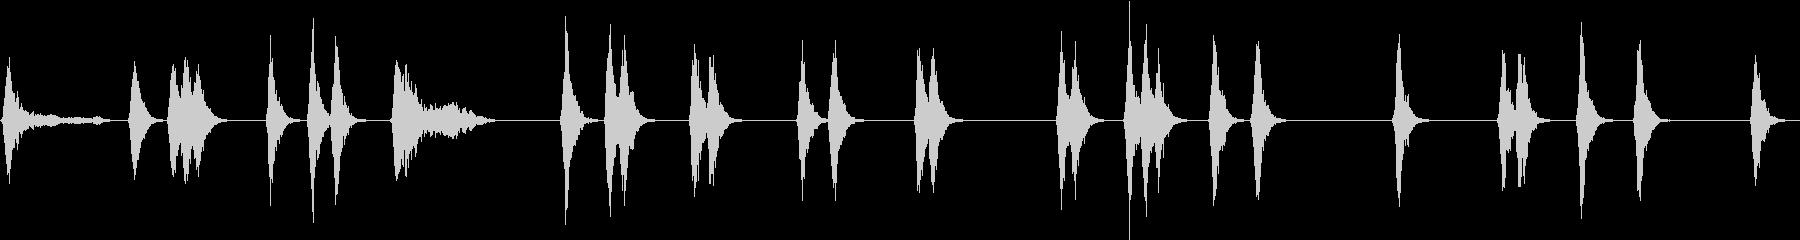 犬が吠える夜(ワオーンと遠吠え)の未再生の波形